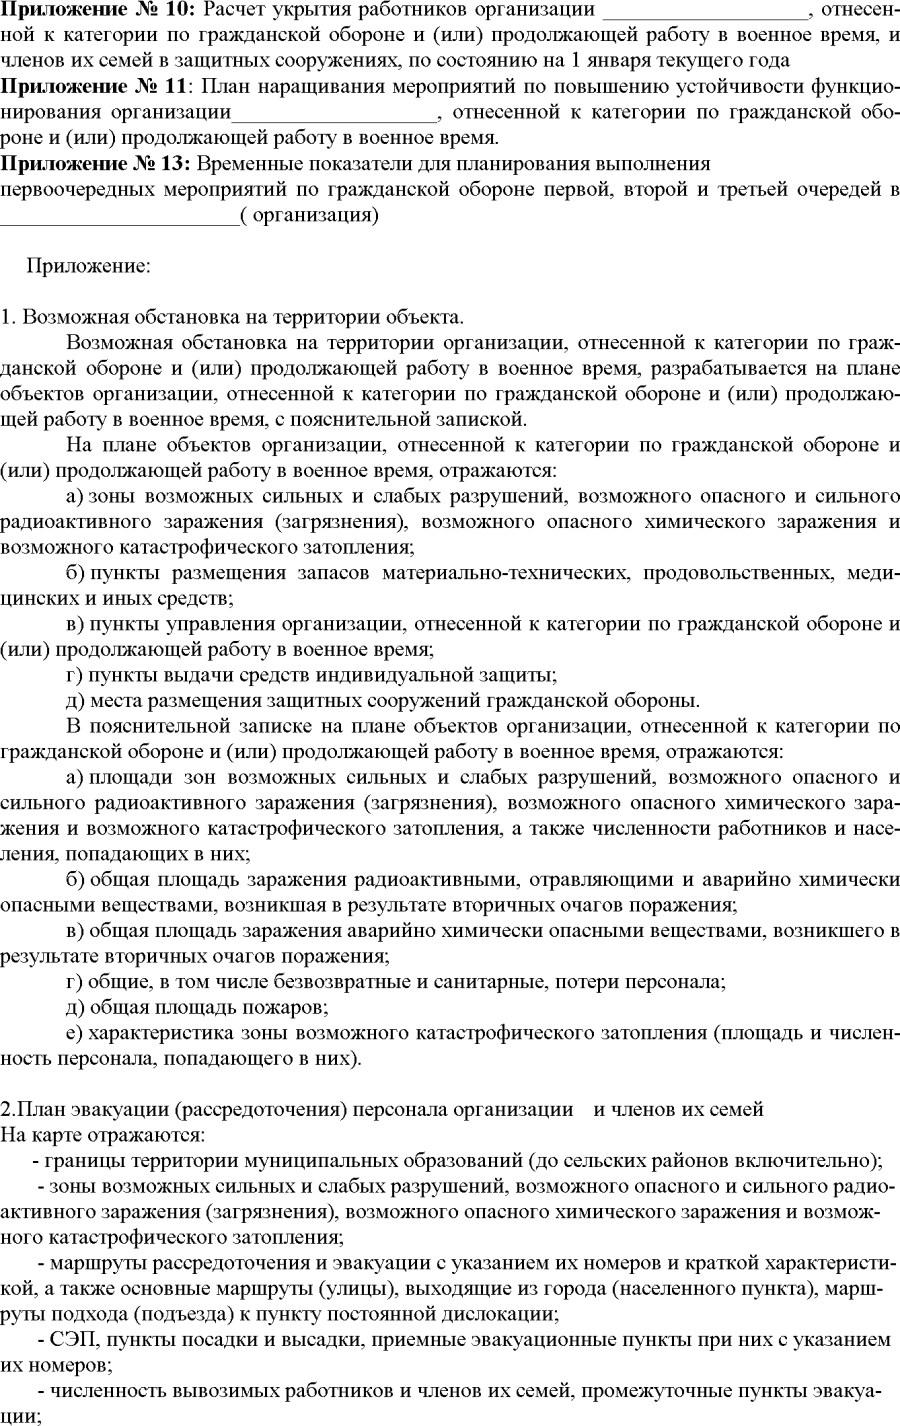 plan-go-obekta-prvv_gavrilovyam-8